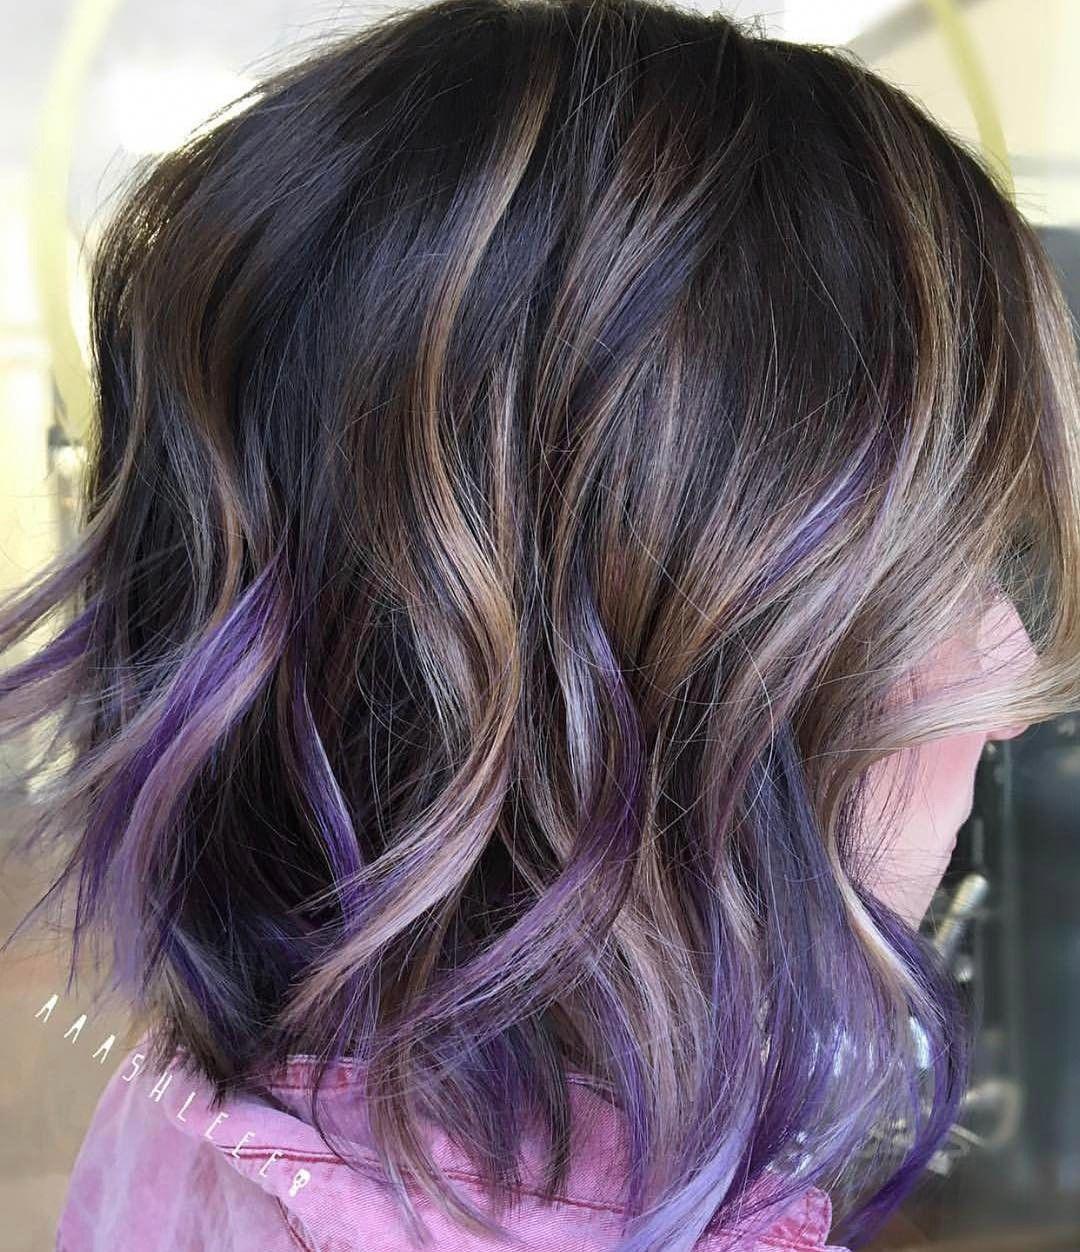 Short Purple Hair Highlights Darkshorthair Purple Hair Highlights Short Purple Hair Purple Hair